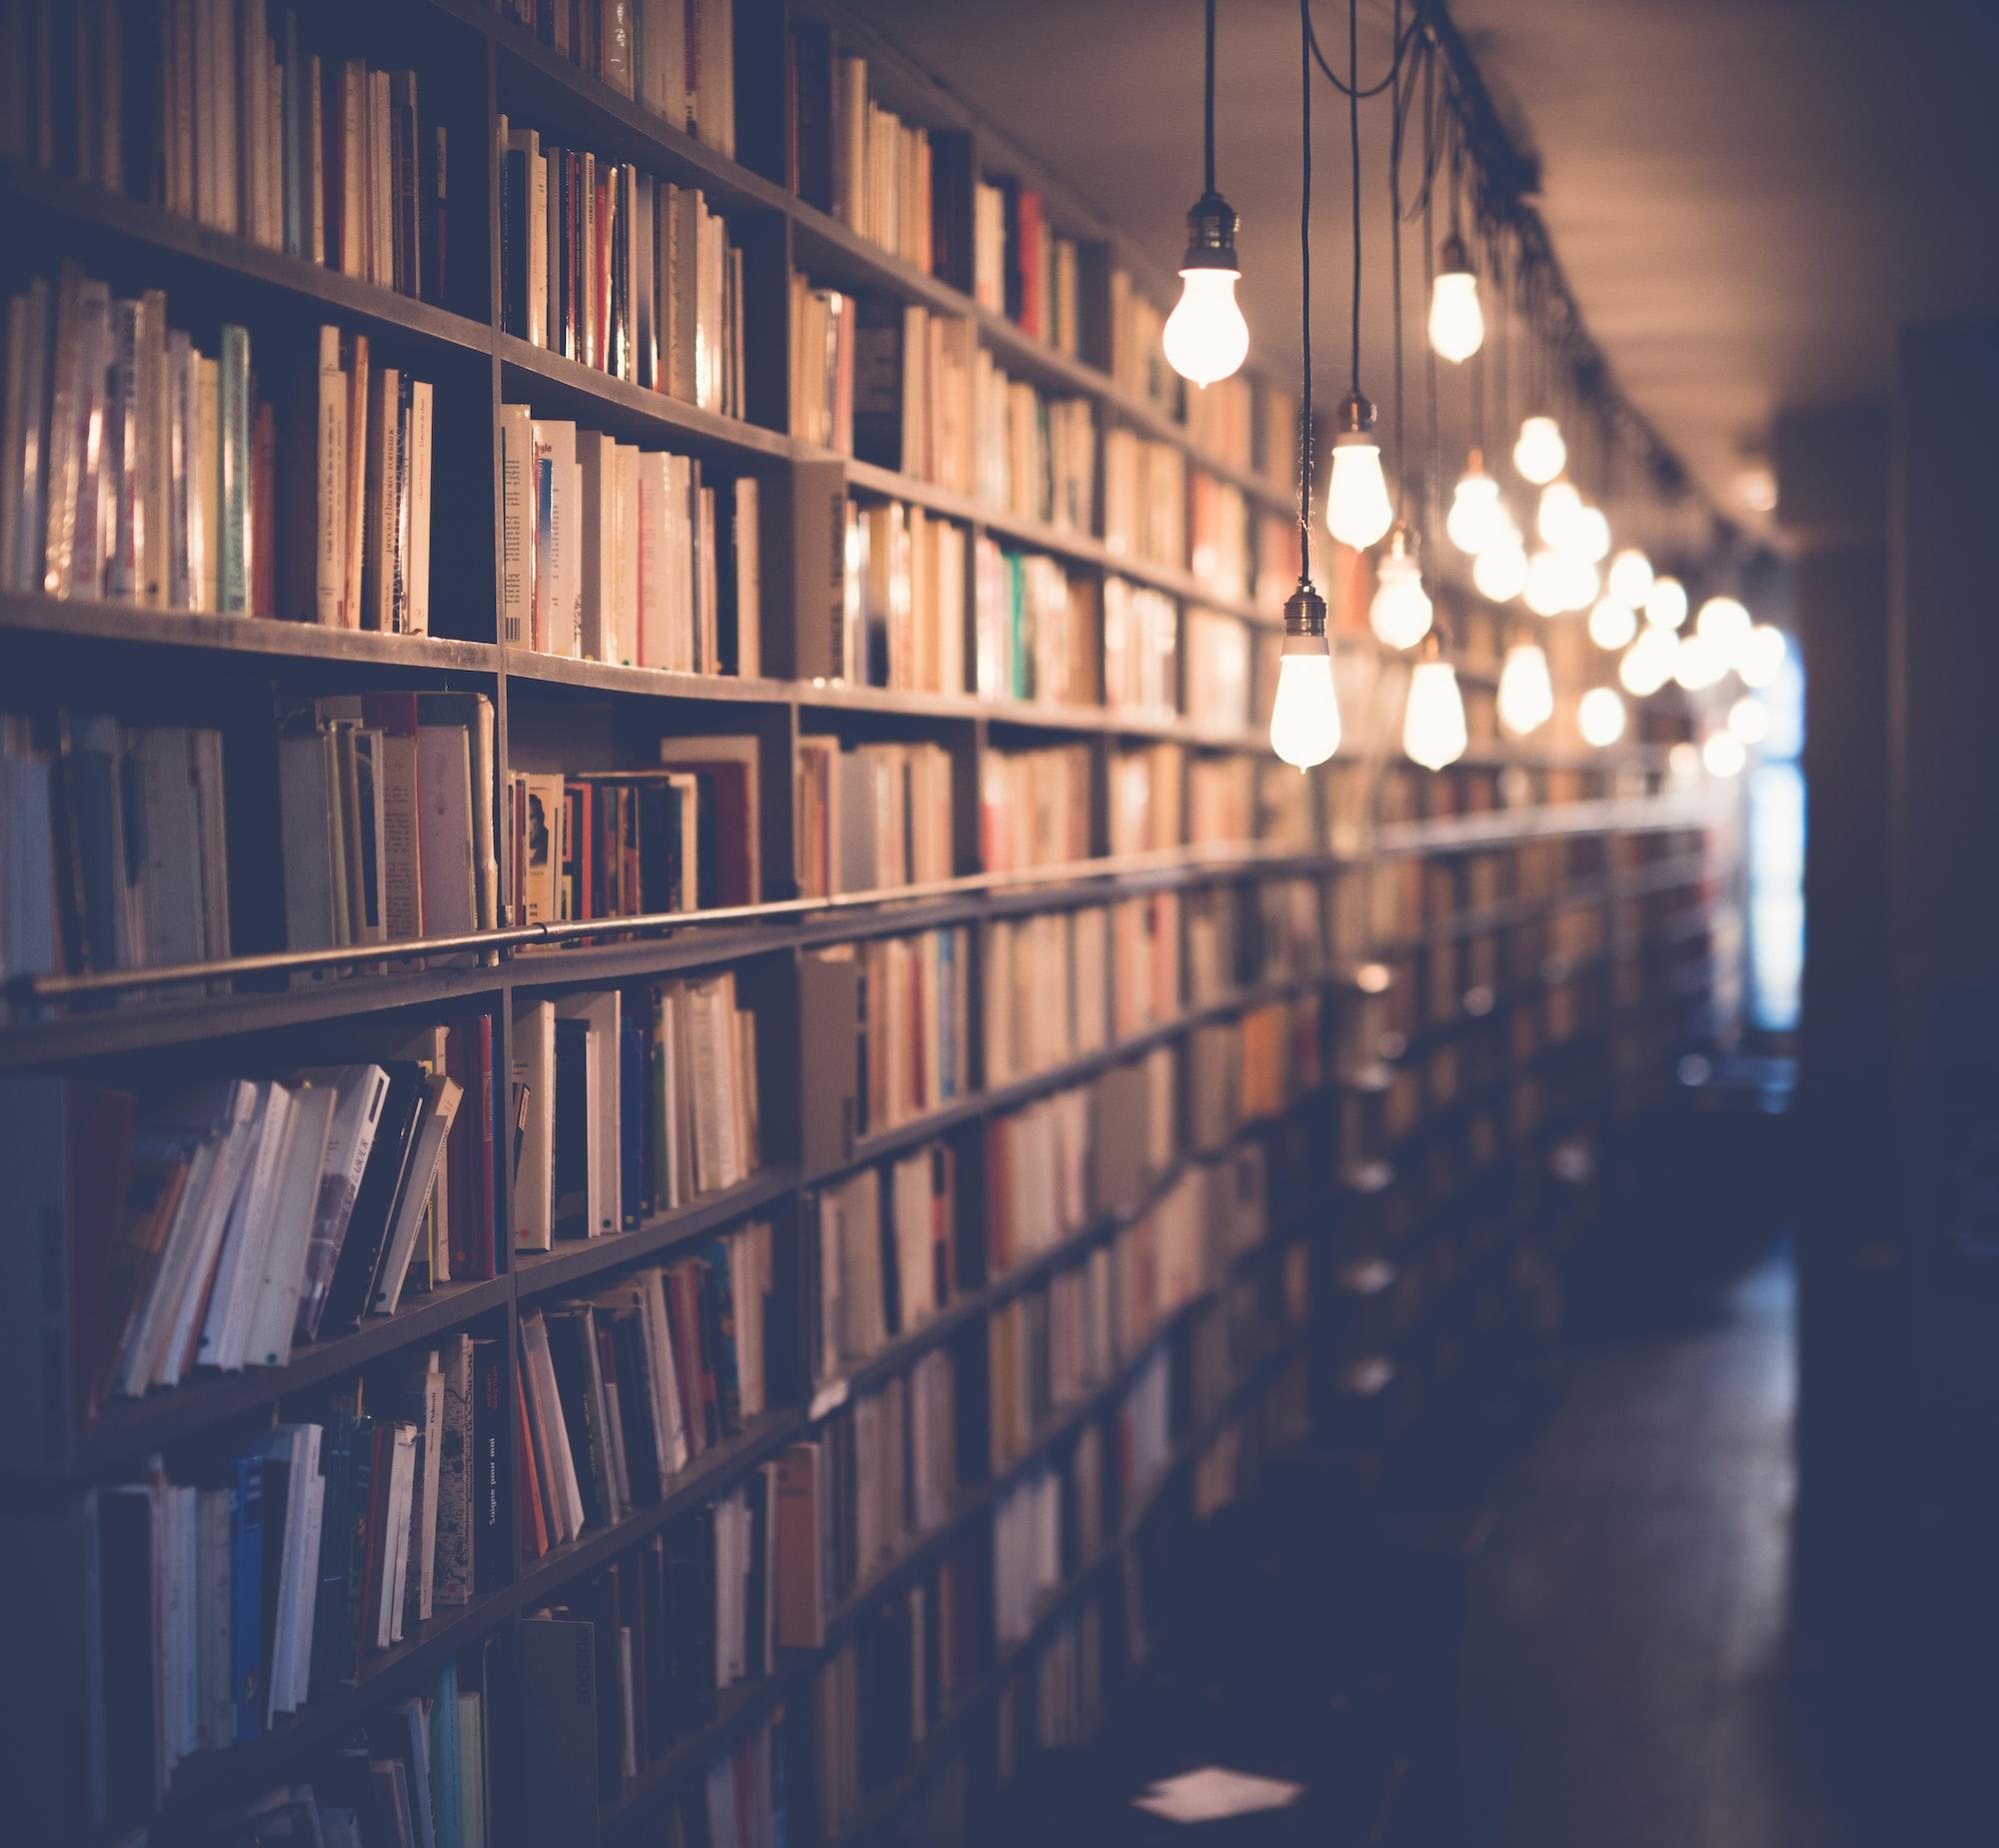 Insightful videos/books